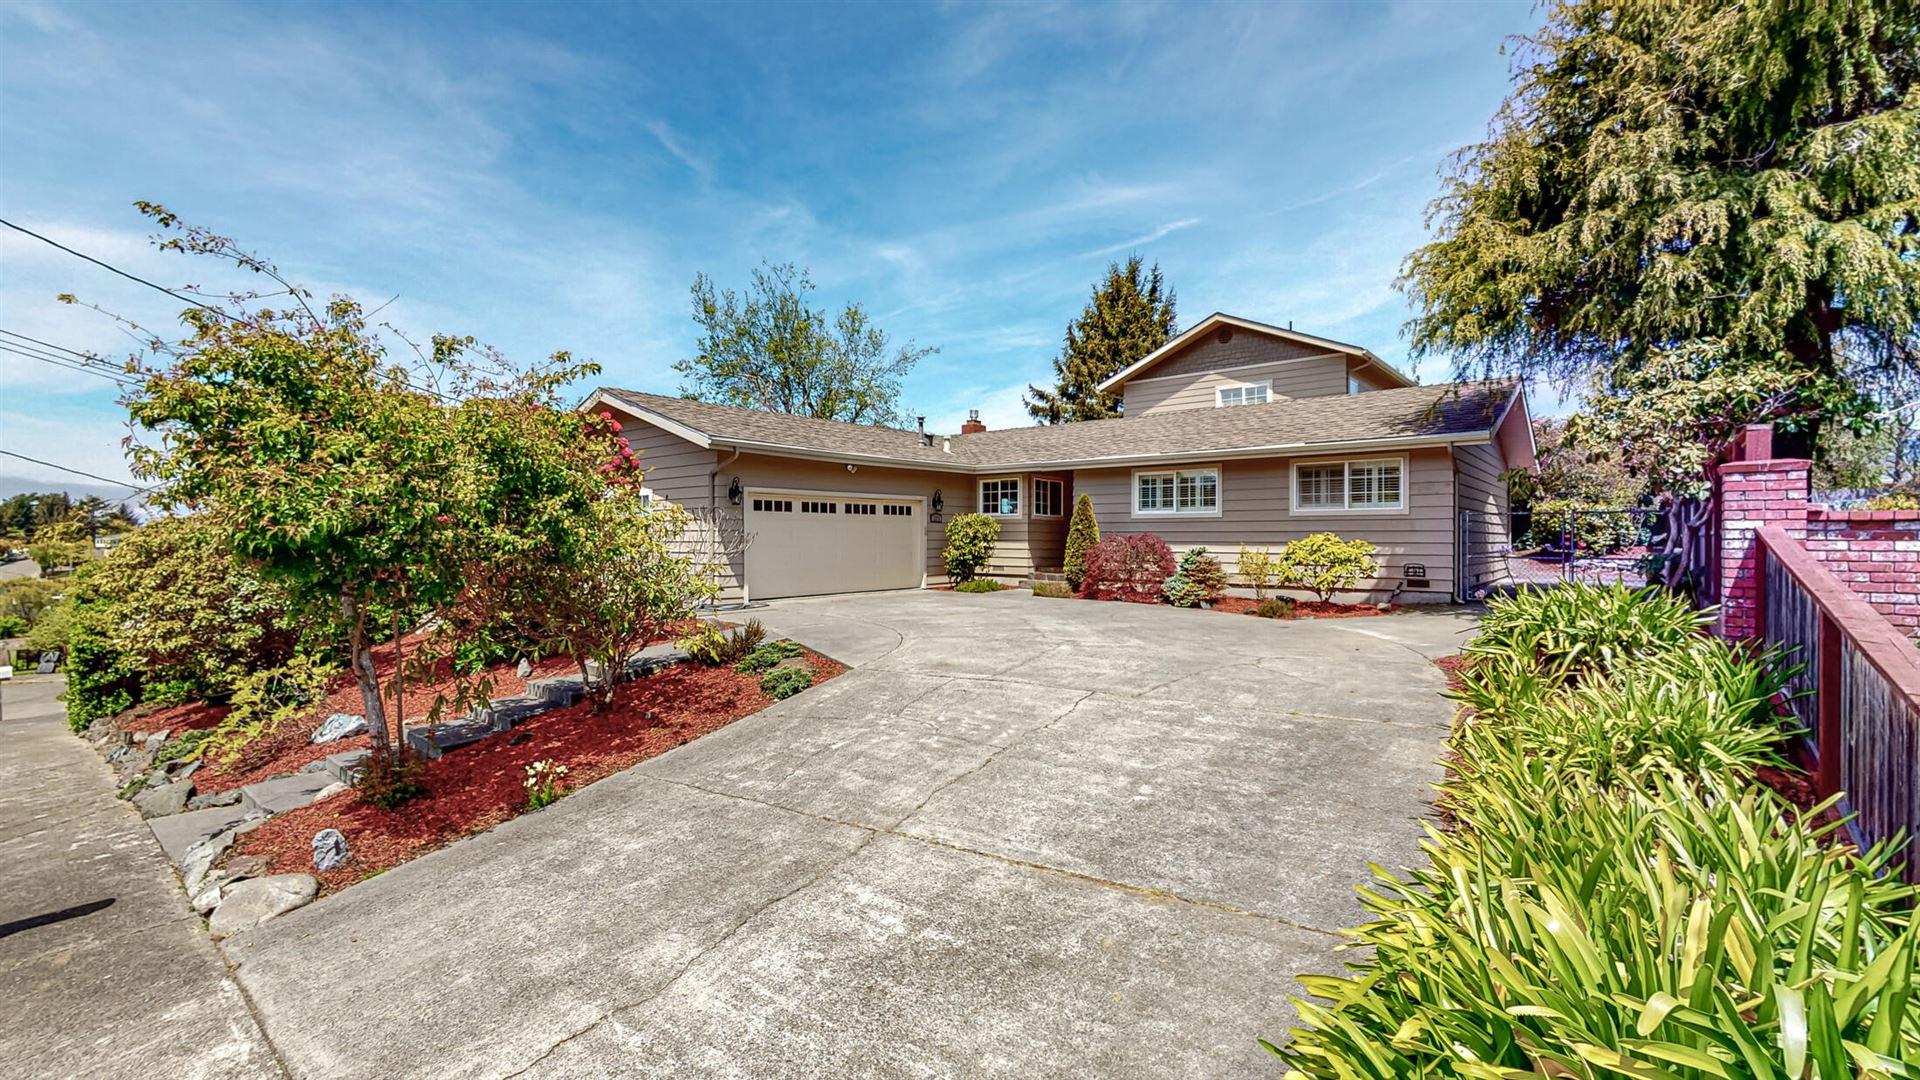 2271 Kipling Drive, Eureka, CA 95503 - MLS#: 258950